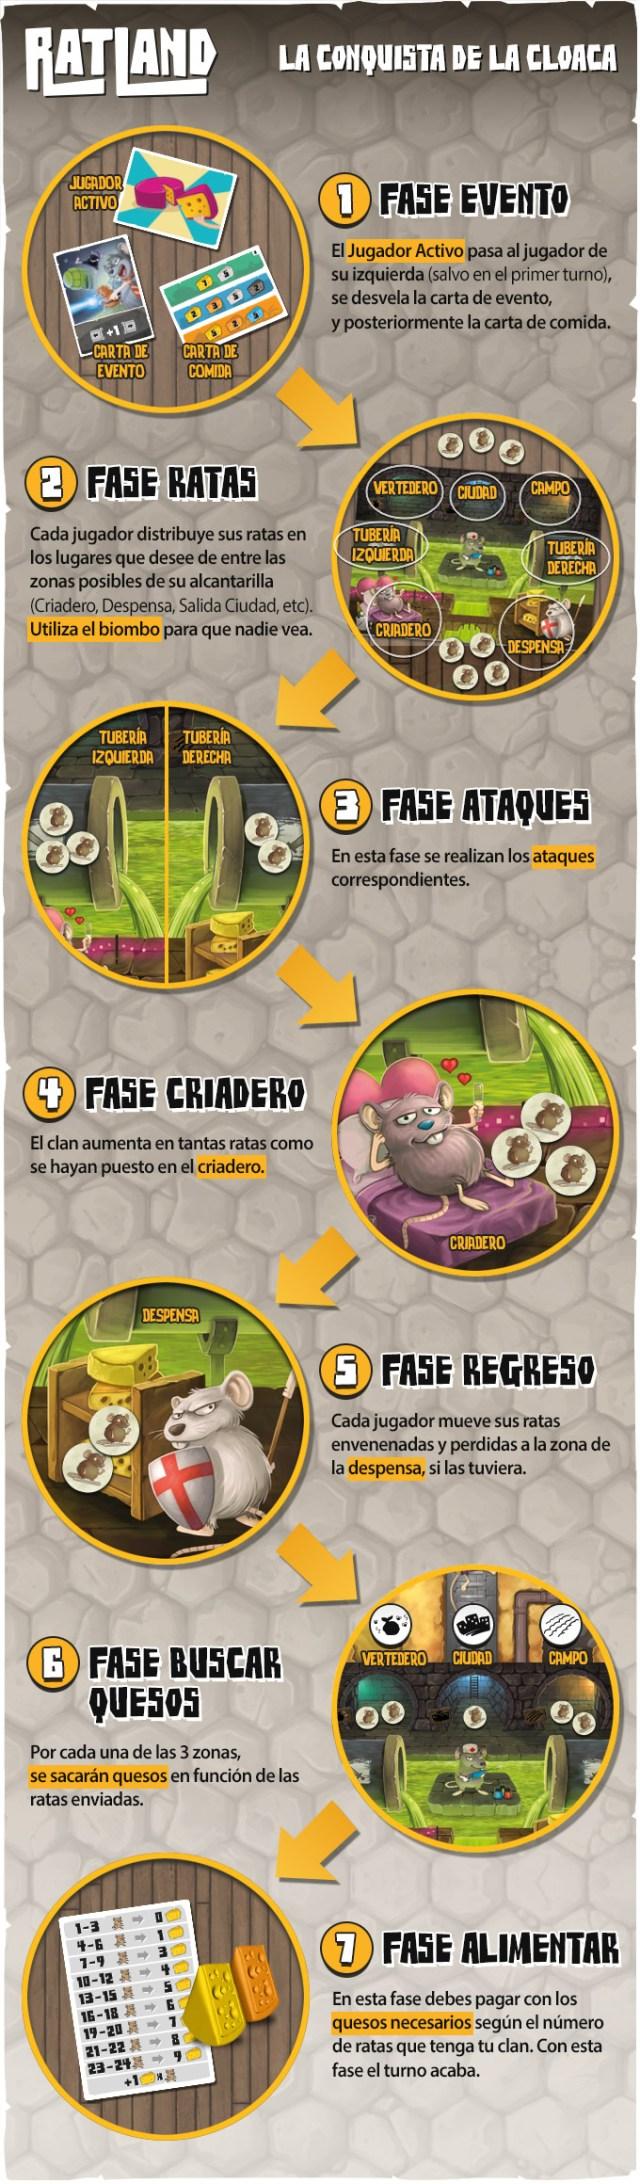 fases-juego-ratland